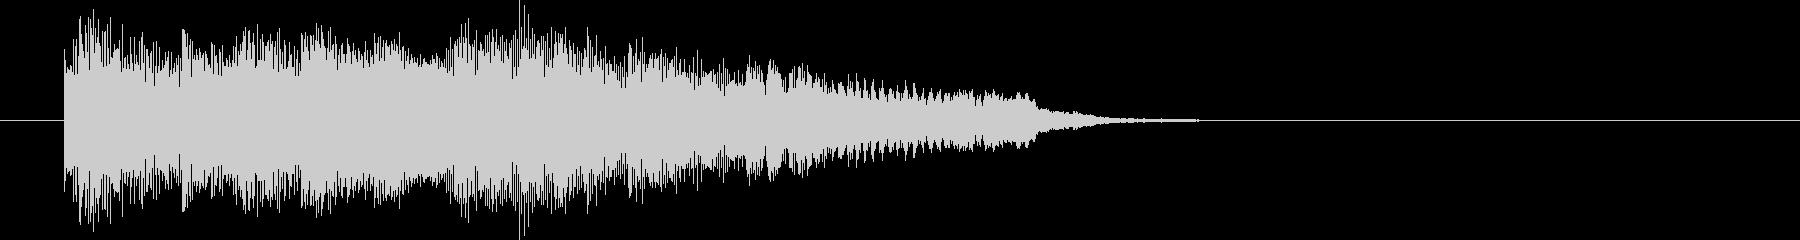 ちょっとエッチなサックスによる場面転換の未再生の波形